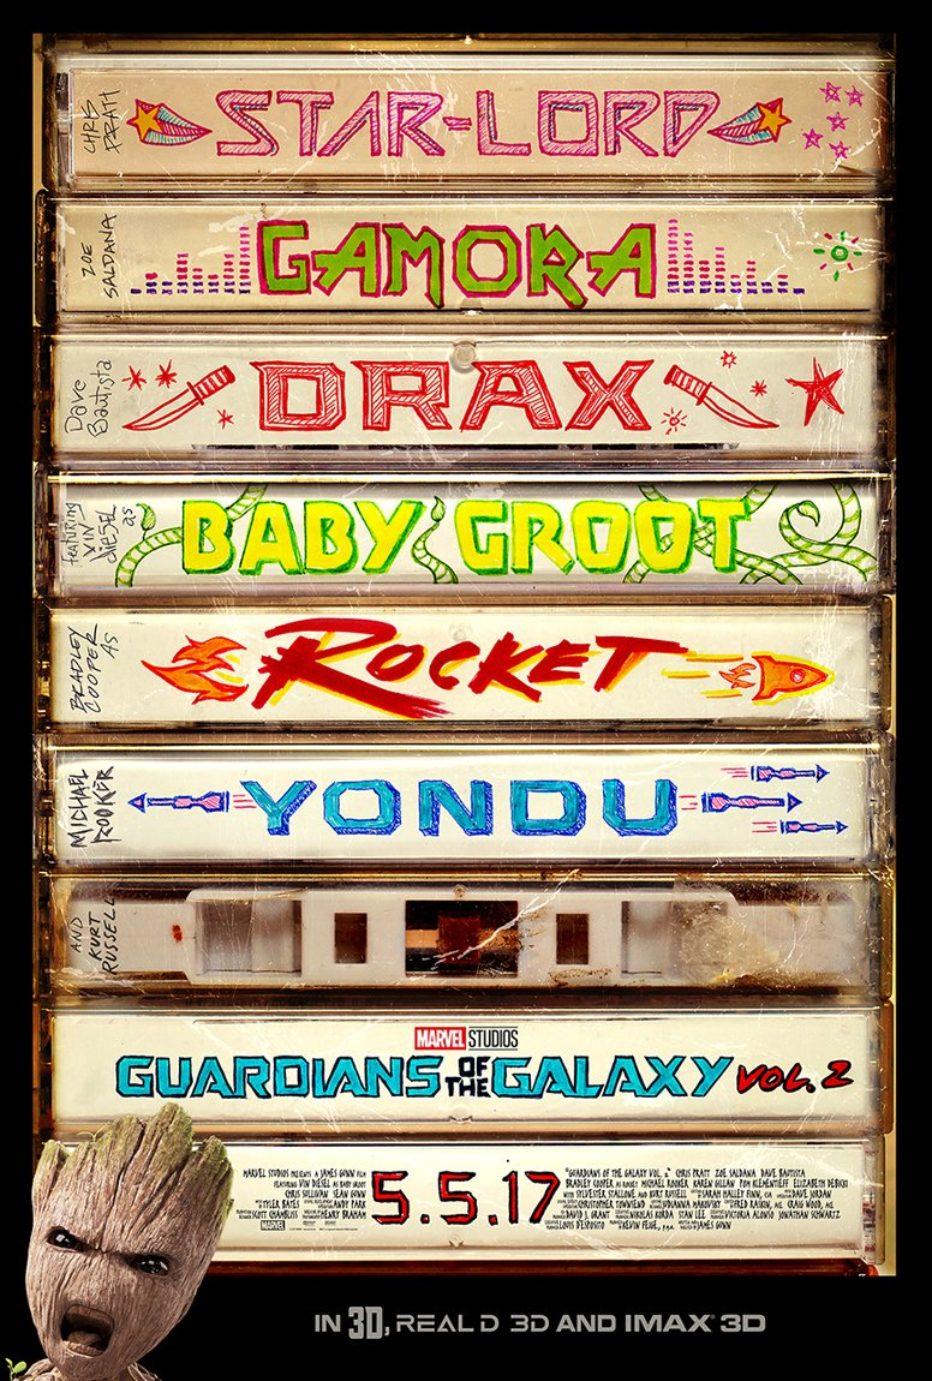 Nuevo trailer de Guardianes de la Galaxia